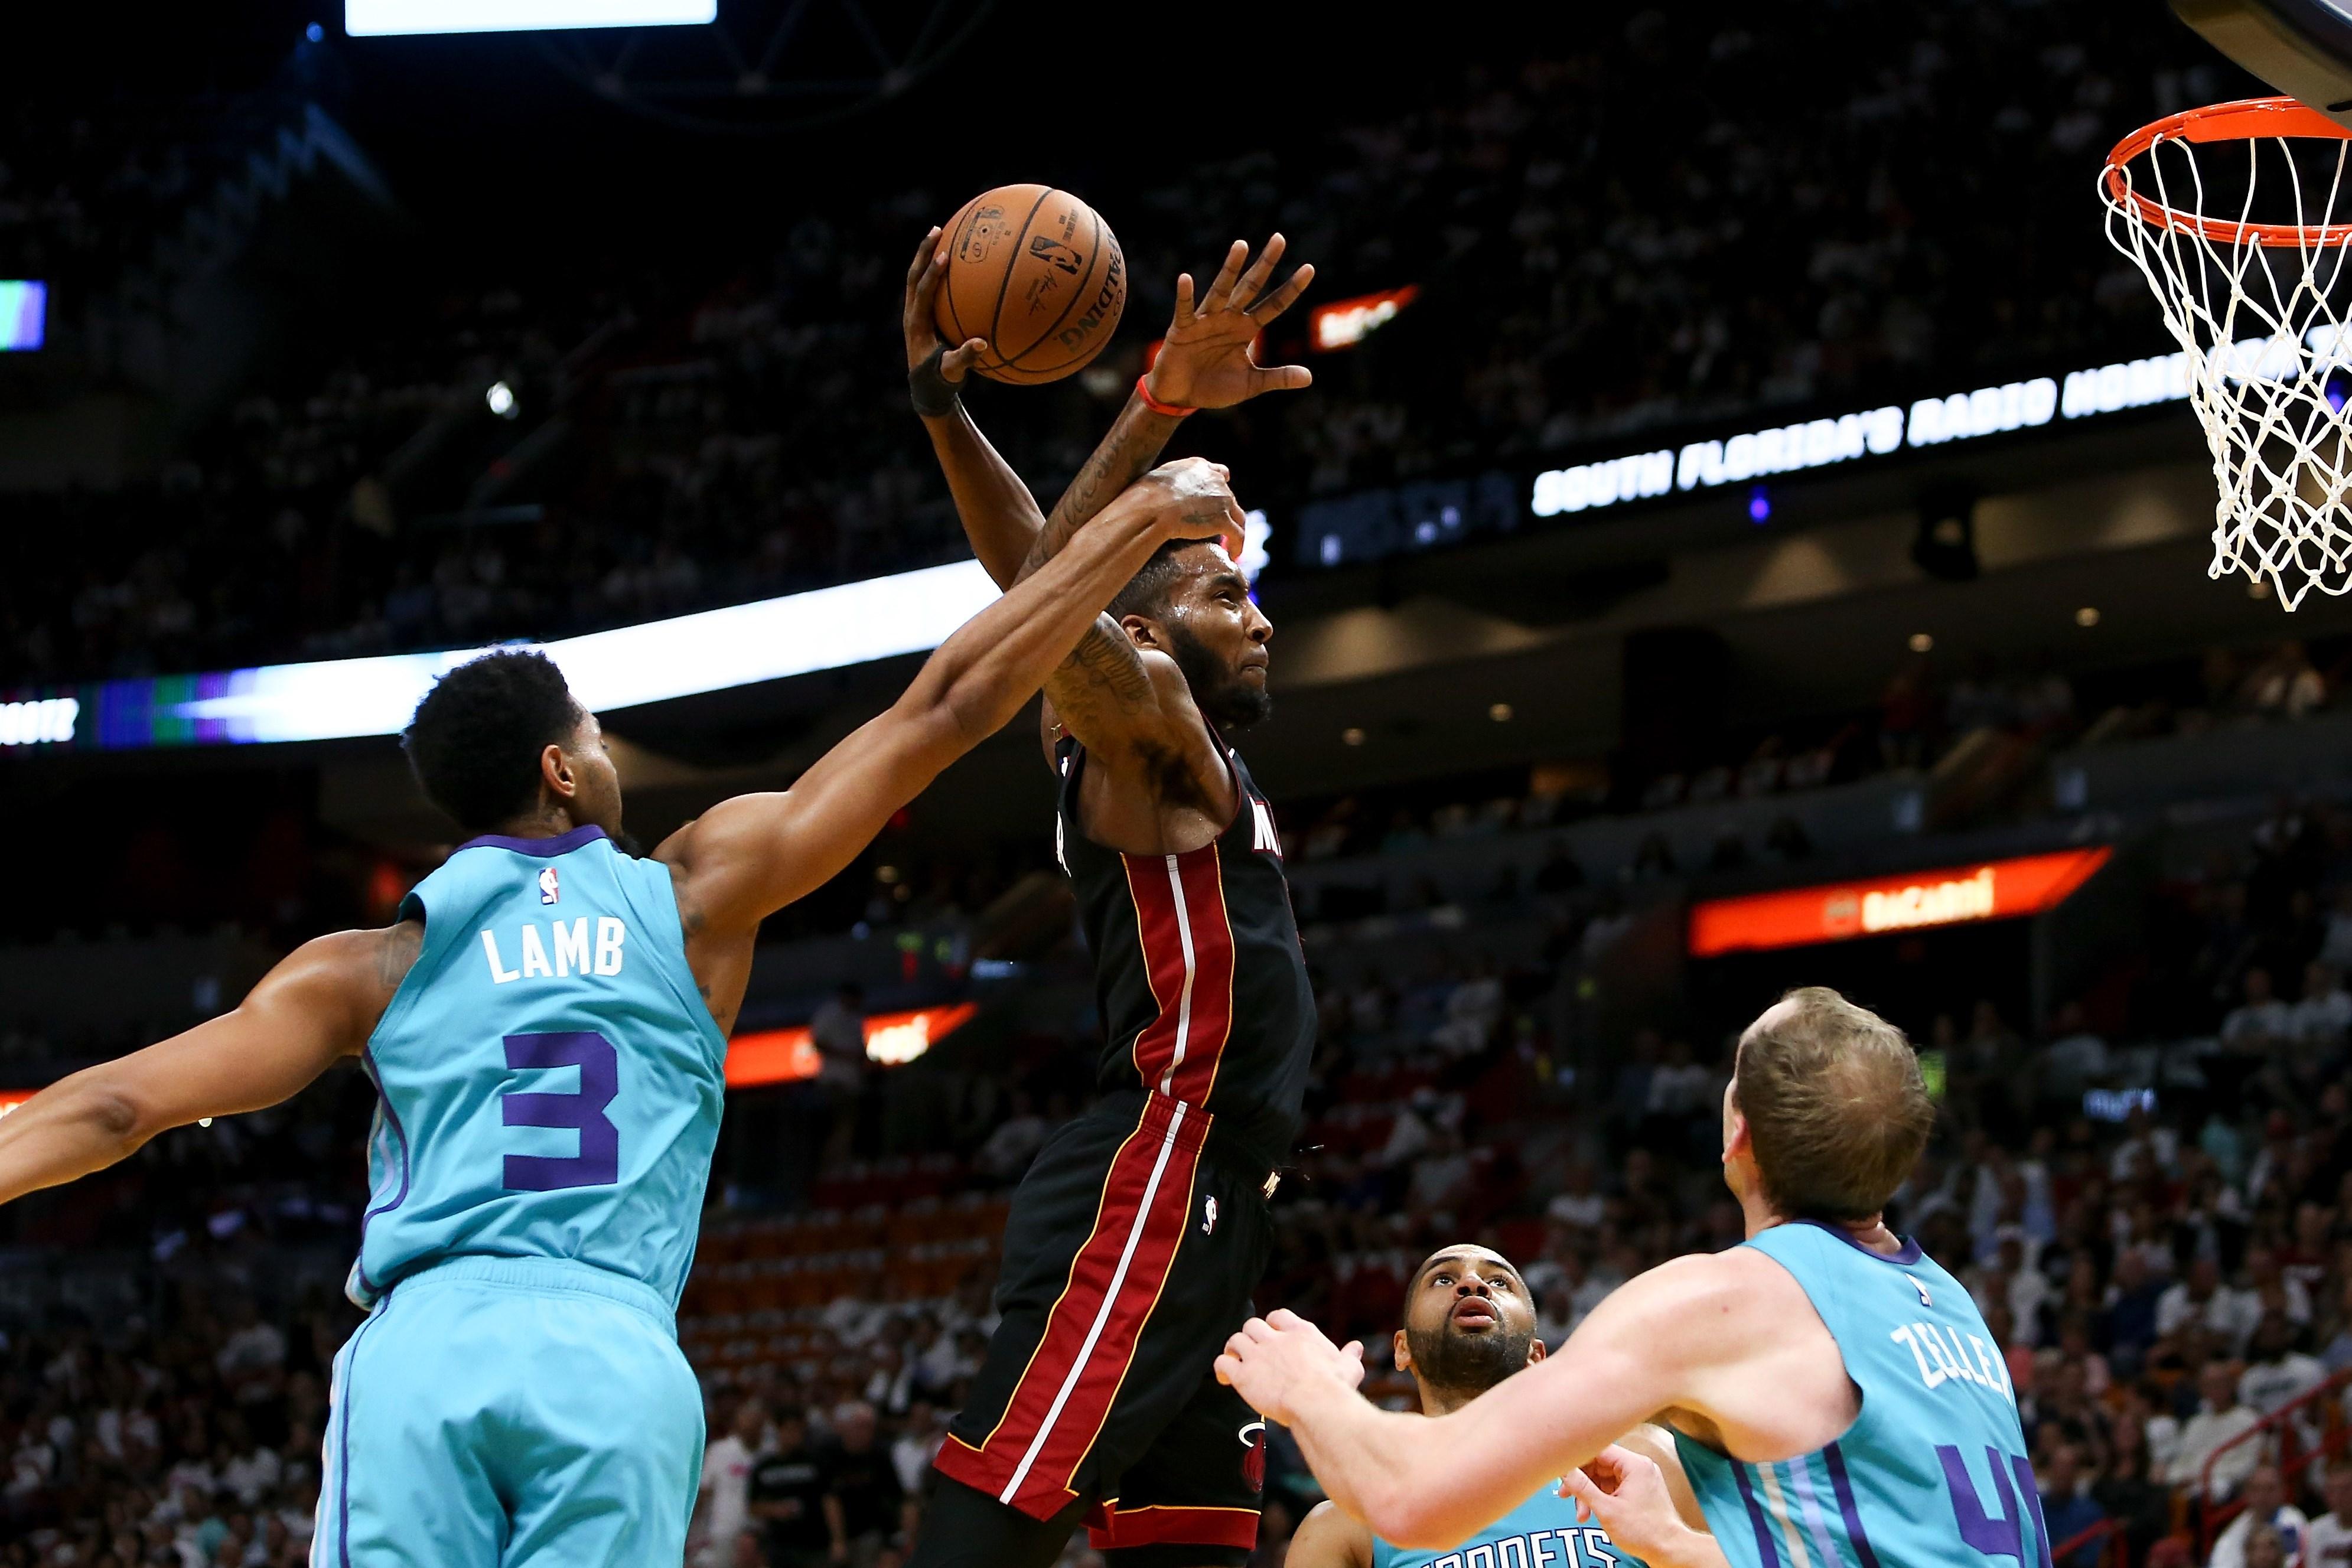 Basket - NBA - Top 10 : Derrick Jones Jr. claque le dunk de la nuit face aux Hornets